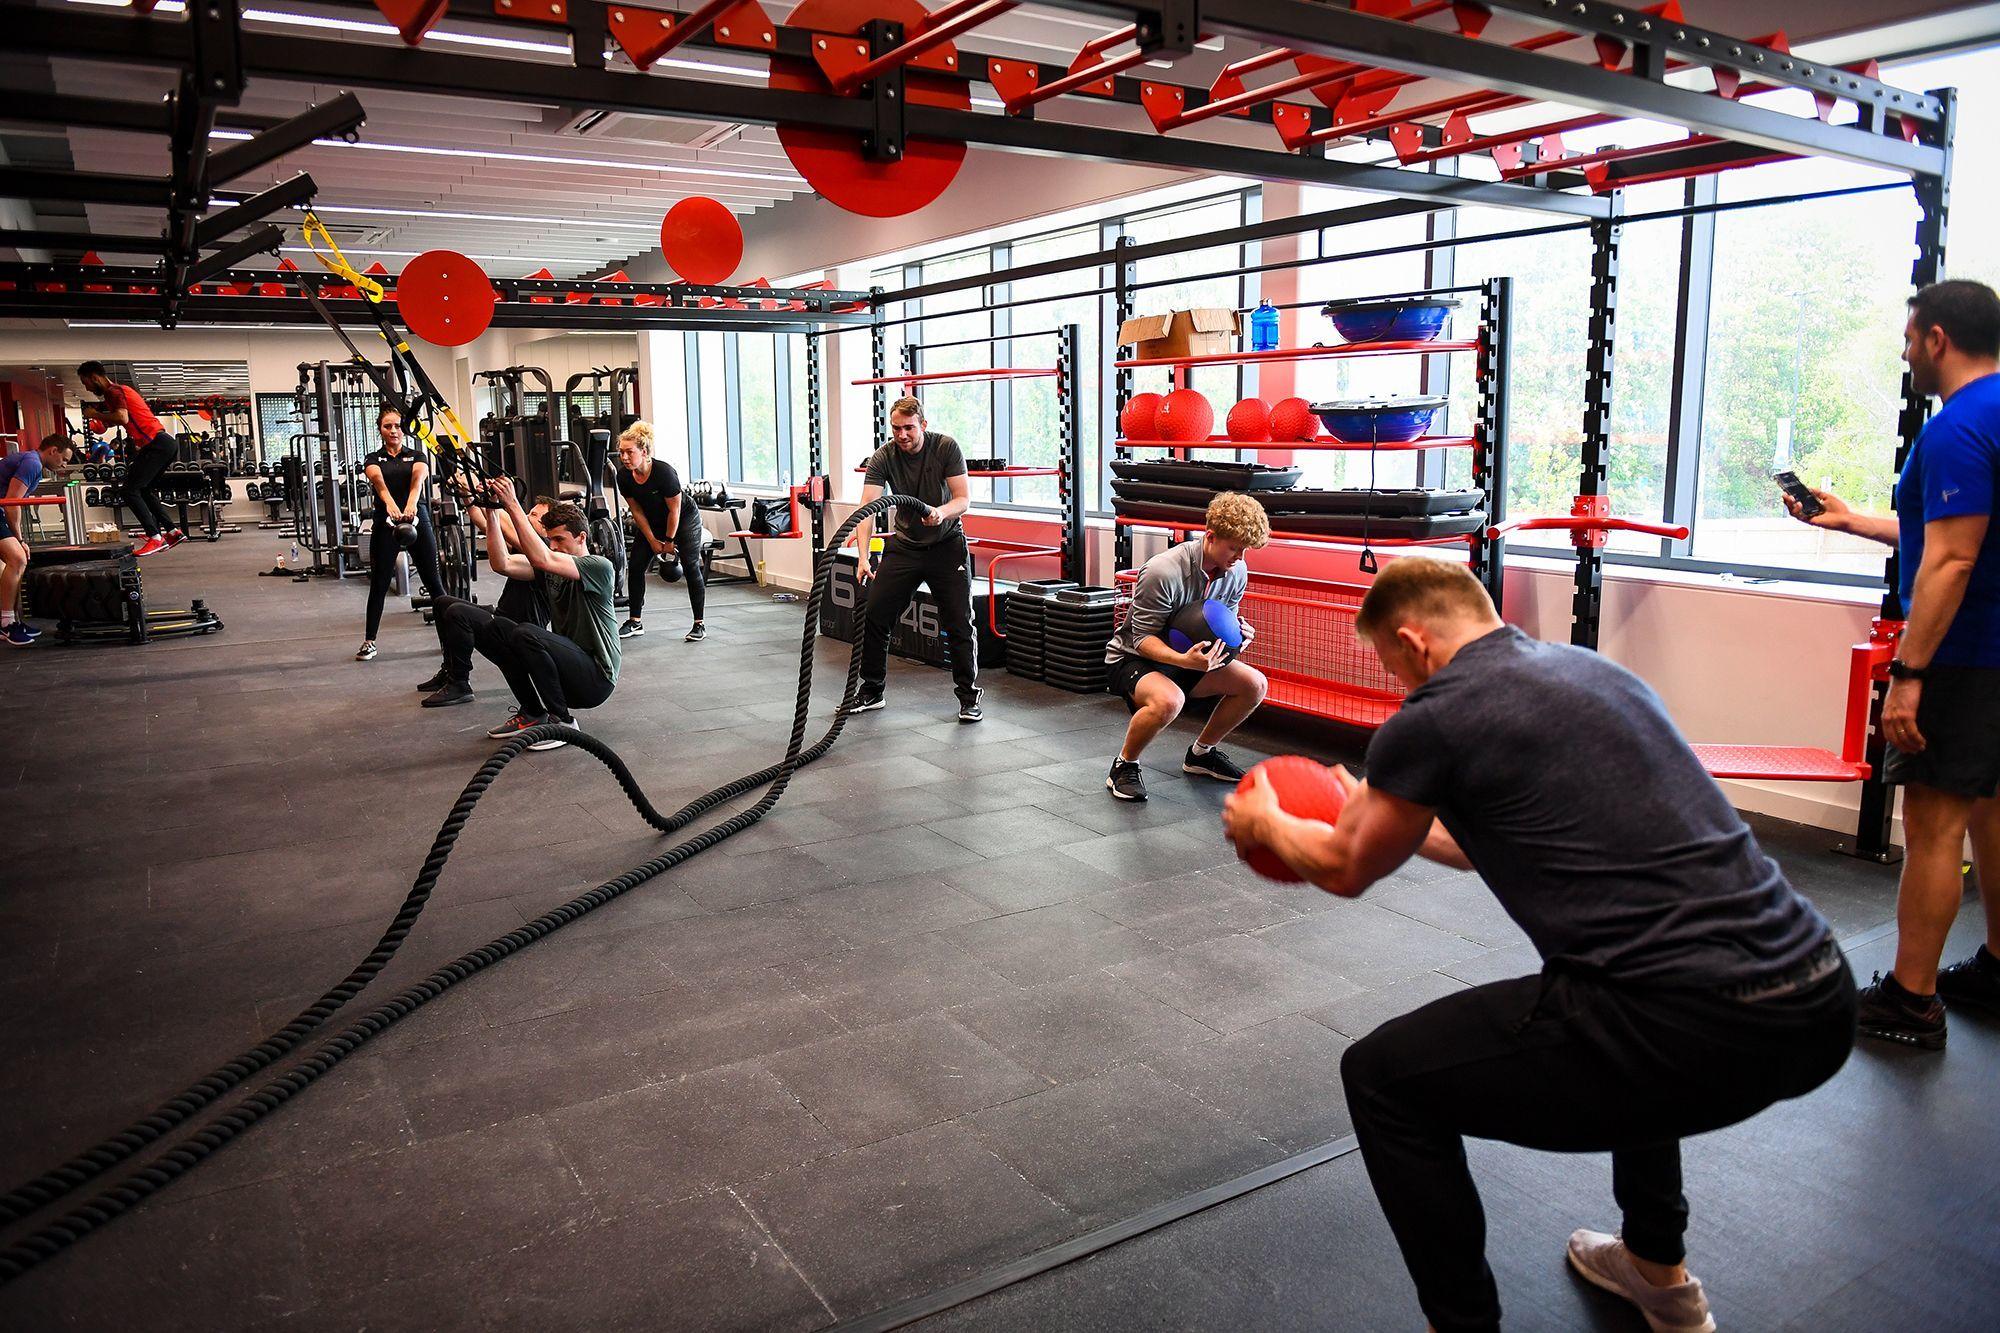 Solent University Sports Complex public gym